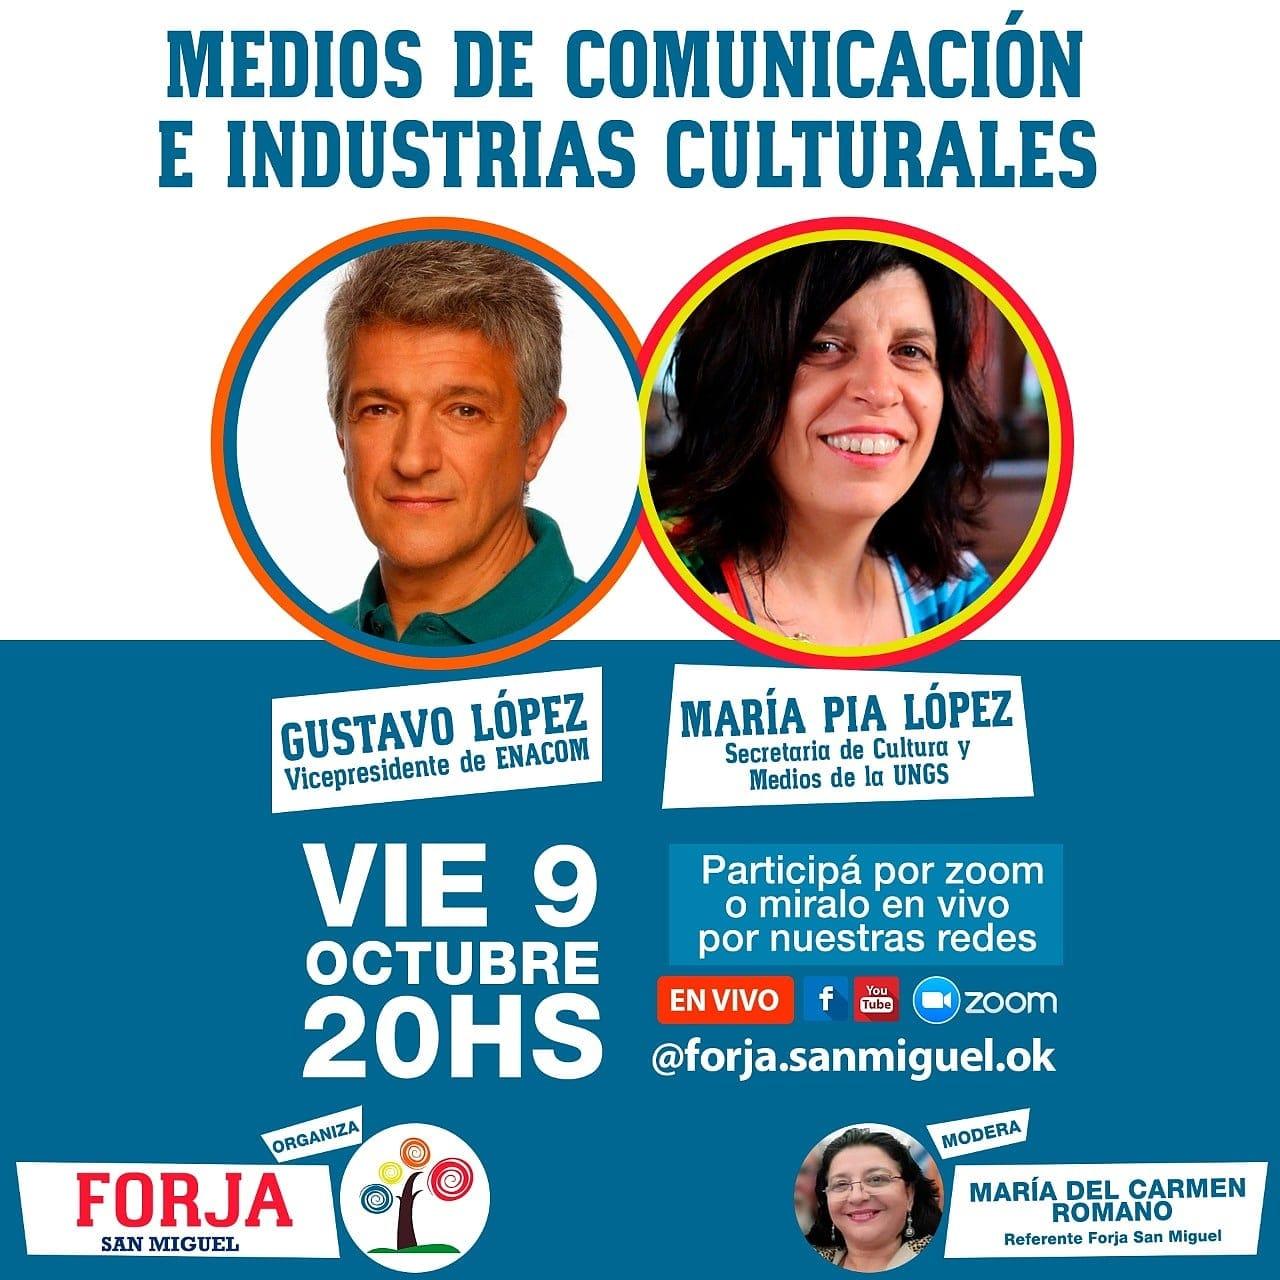 MEDIOS DE COMUNICACIÓN E INDUSTRIAS CULTURALES